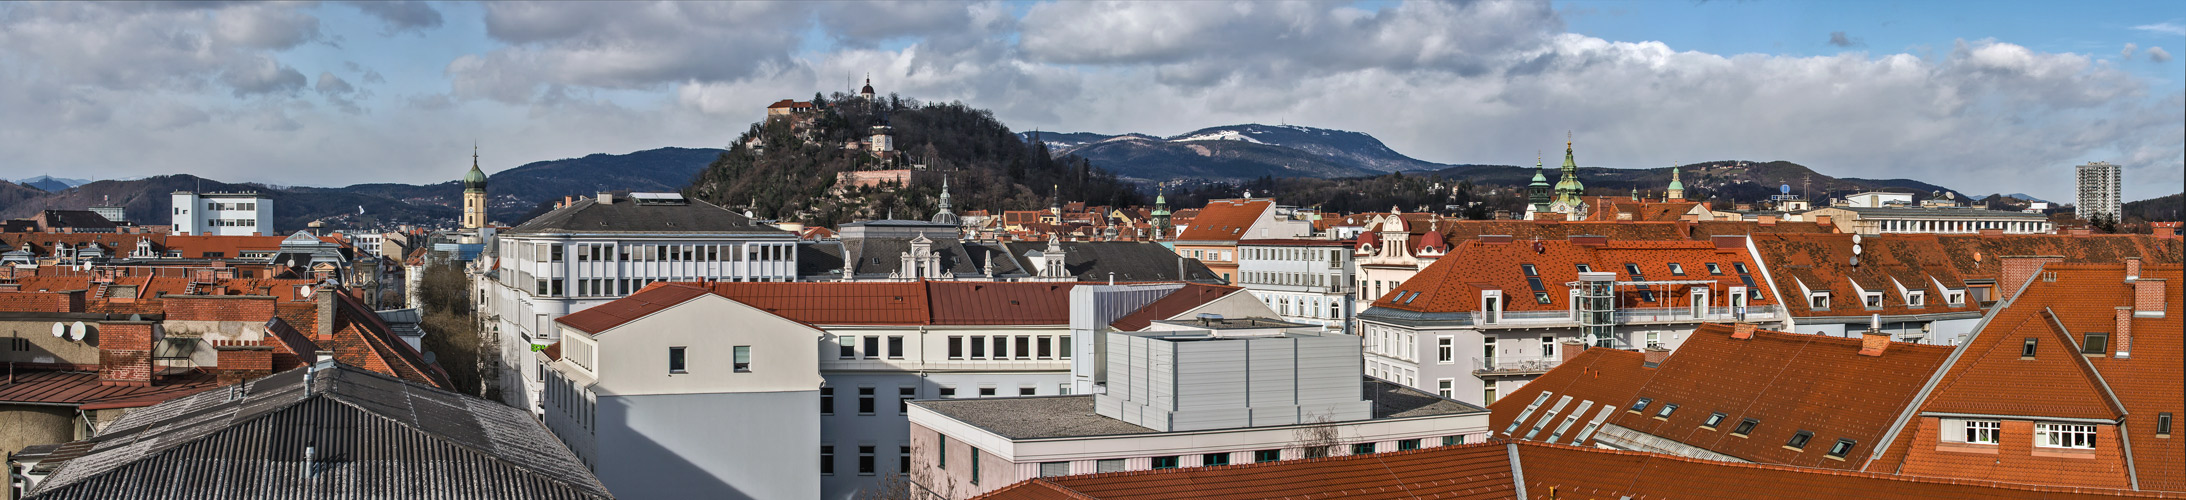 Blick über die Dächer von Graz auf den Schloßberg und den Schöckel am Horizont!